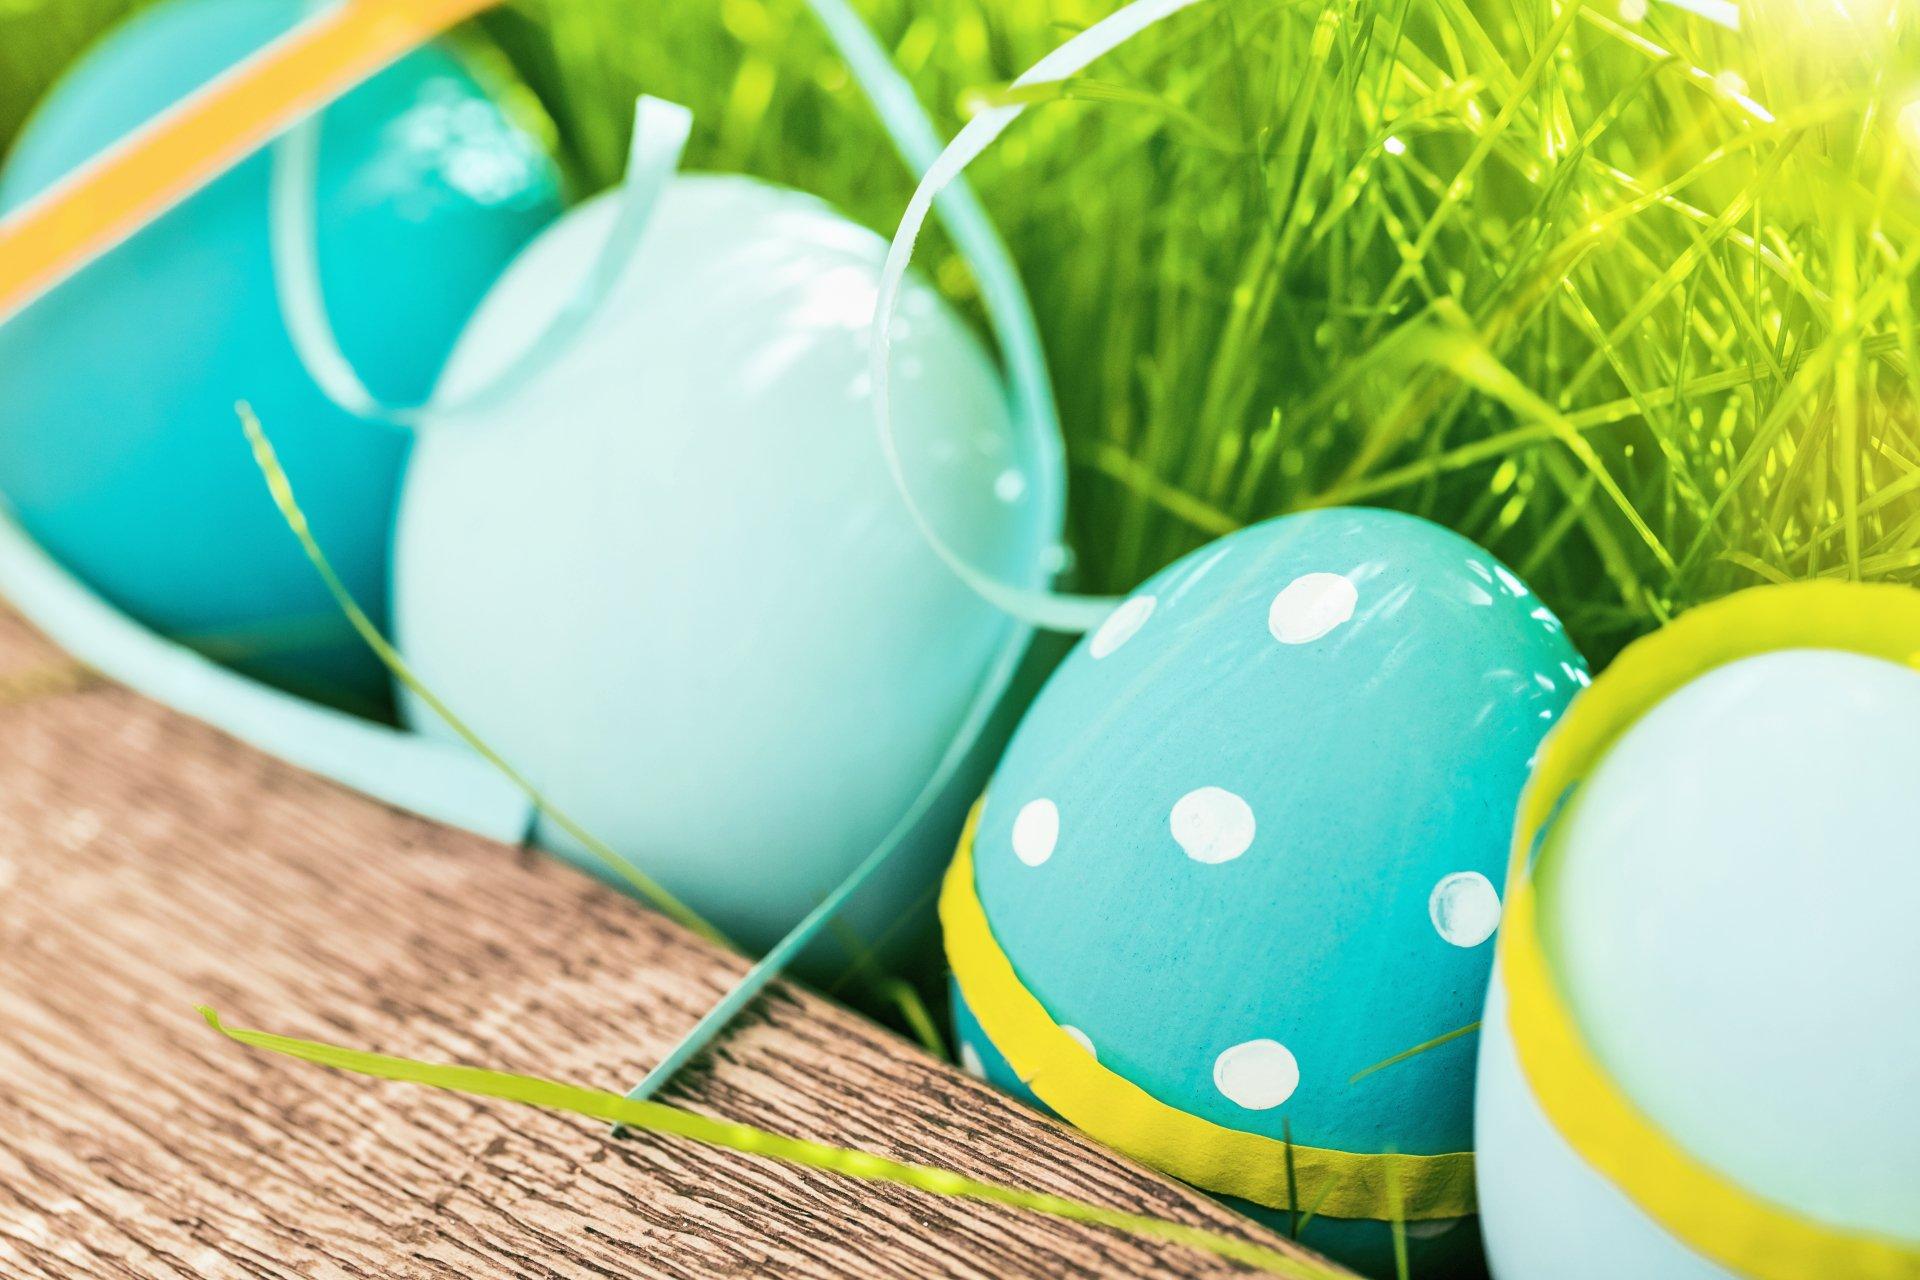 Праздничные - Пасха  Easter Egg Весна Трава Обои